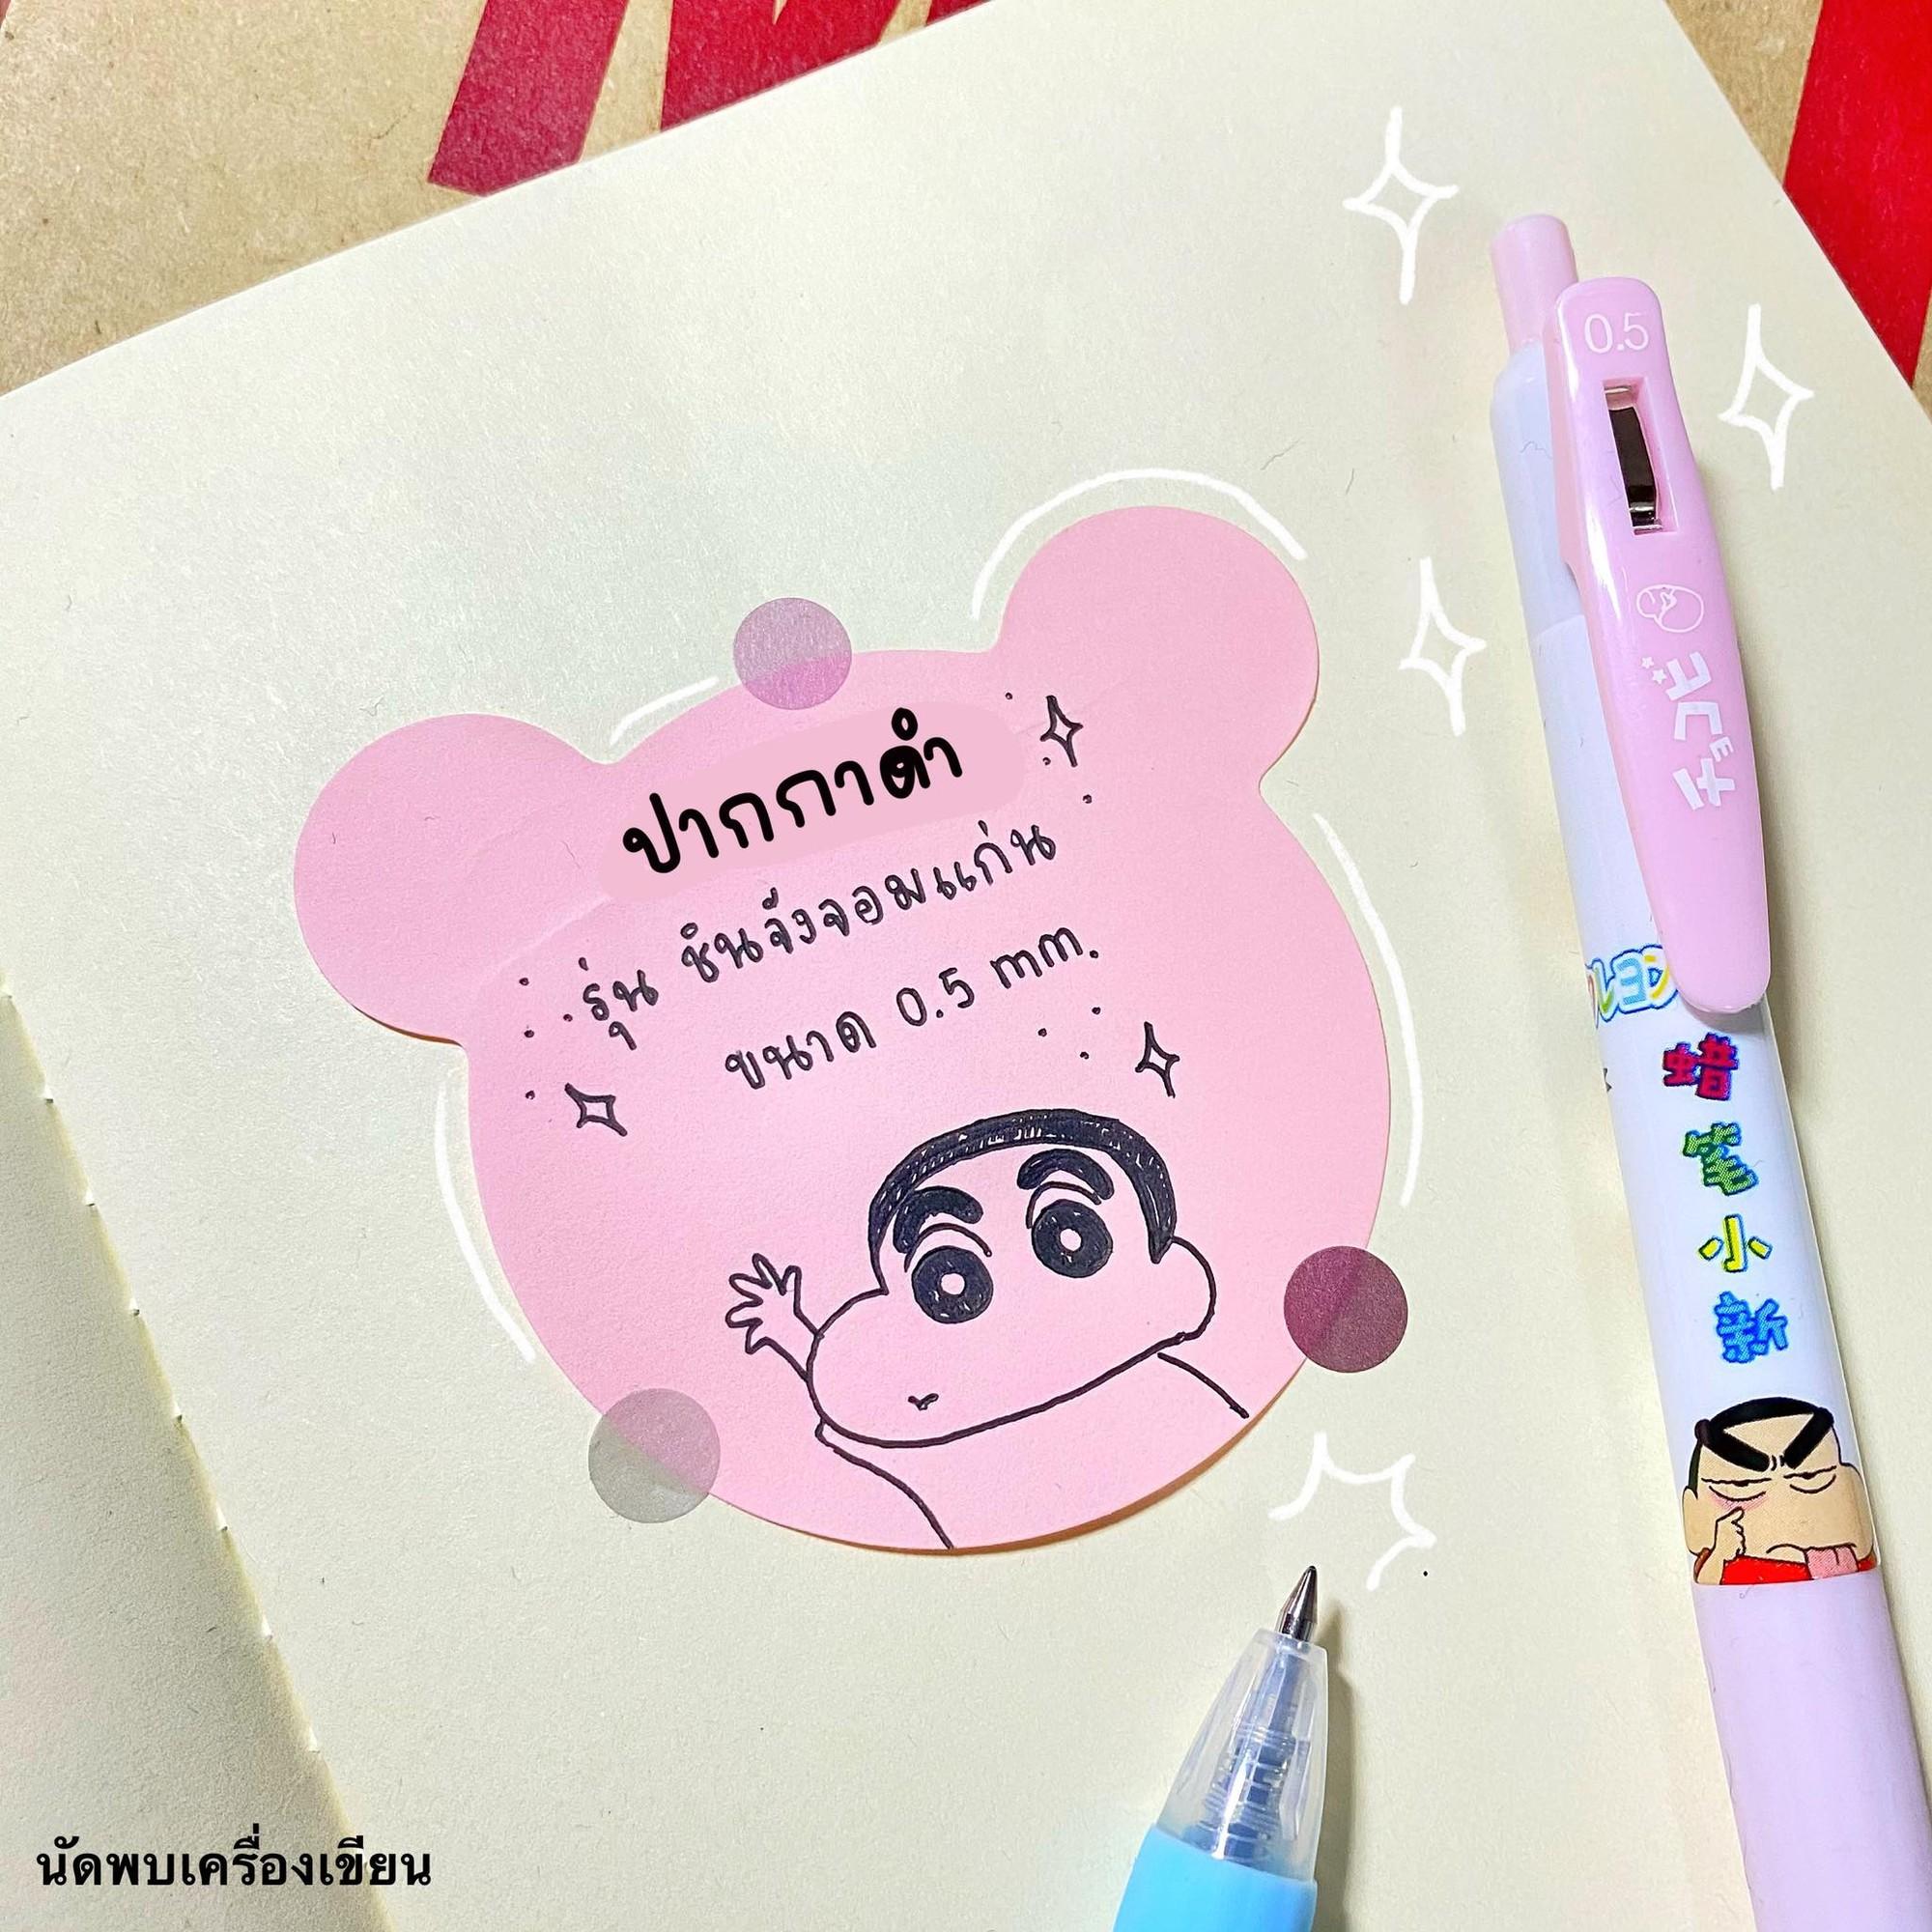 ปากกาหมึกเจล ลายชินจัง